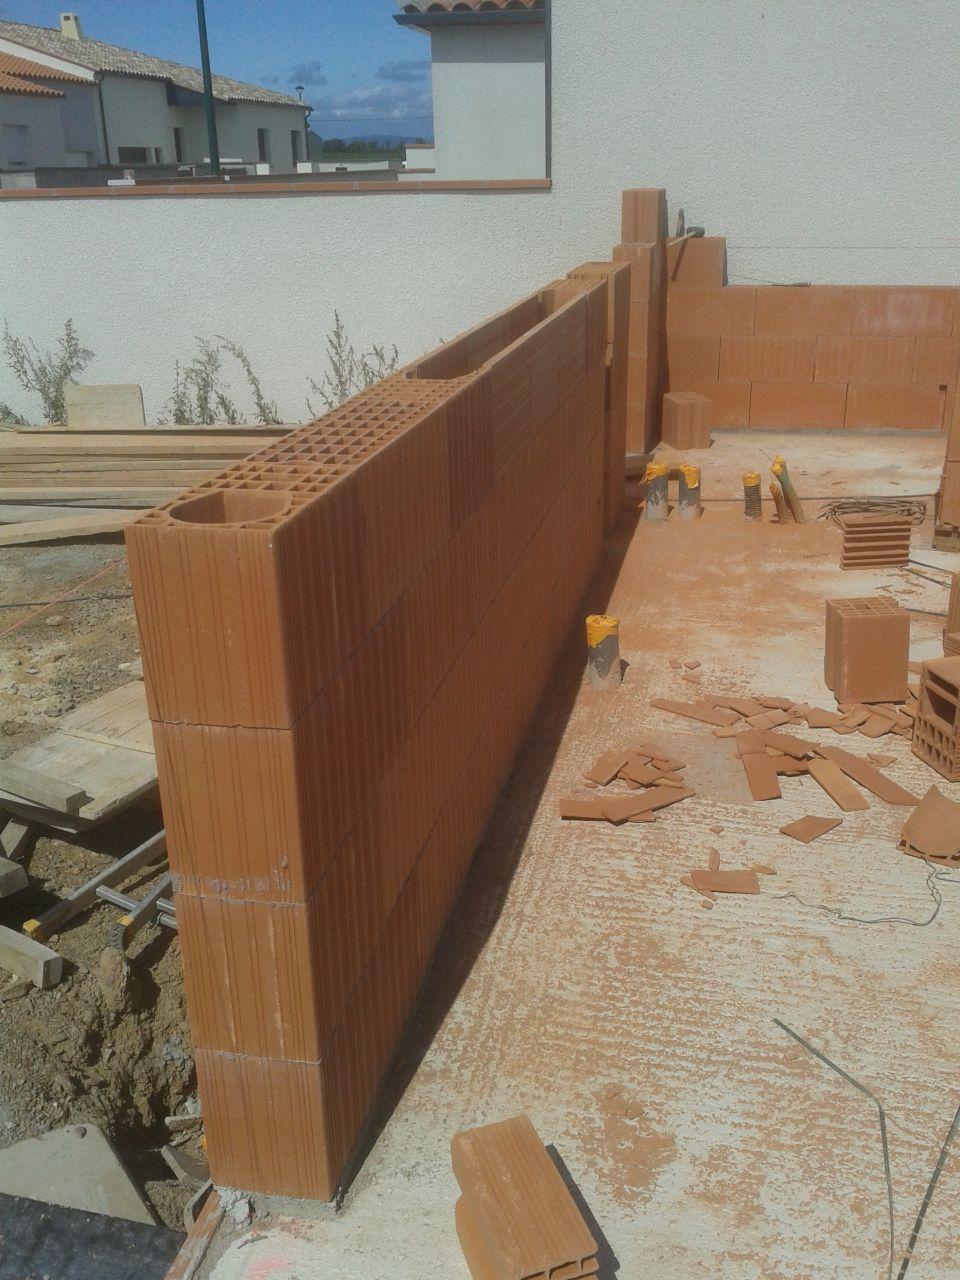 élévation des murs RdC - détail des joints de colle